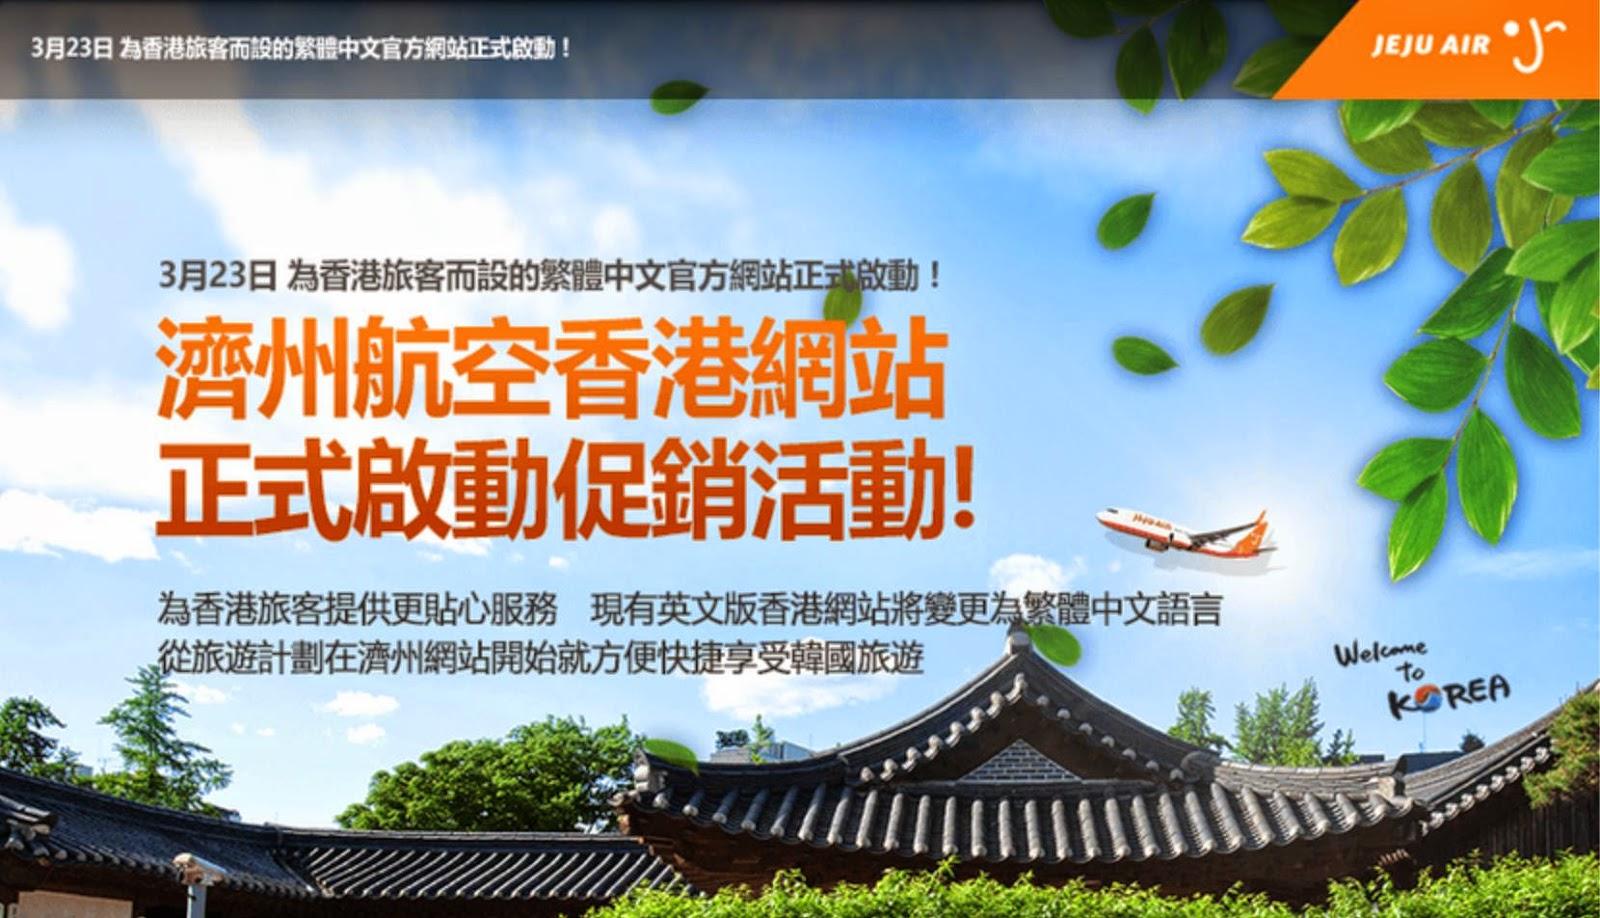 濟洲航空【香港繁體版】網站正式成立優惠,香港飛首爾來回機票 $950起(連稅$1,357),4至6月出發,今日(3月23日)已開賣!